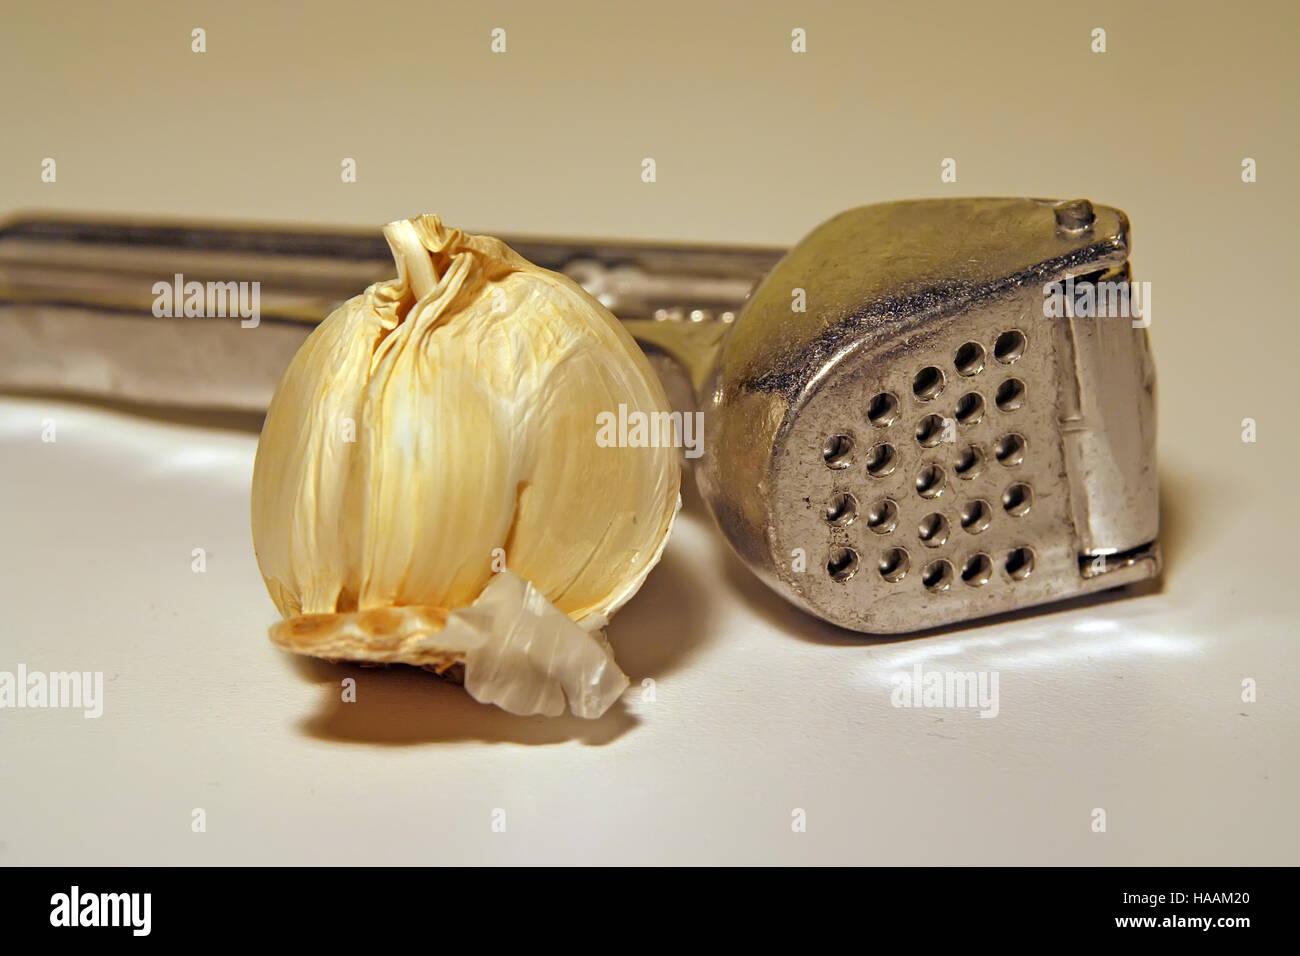 L'ail squasher. Outil de cuisine. Purée d'ail de l'outil. Photo Stock